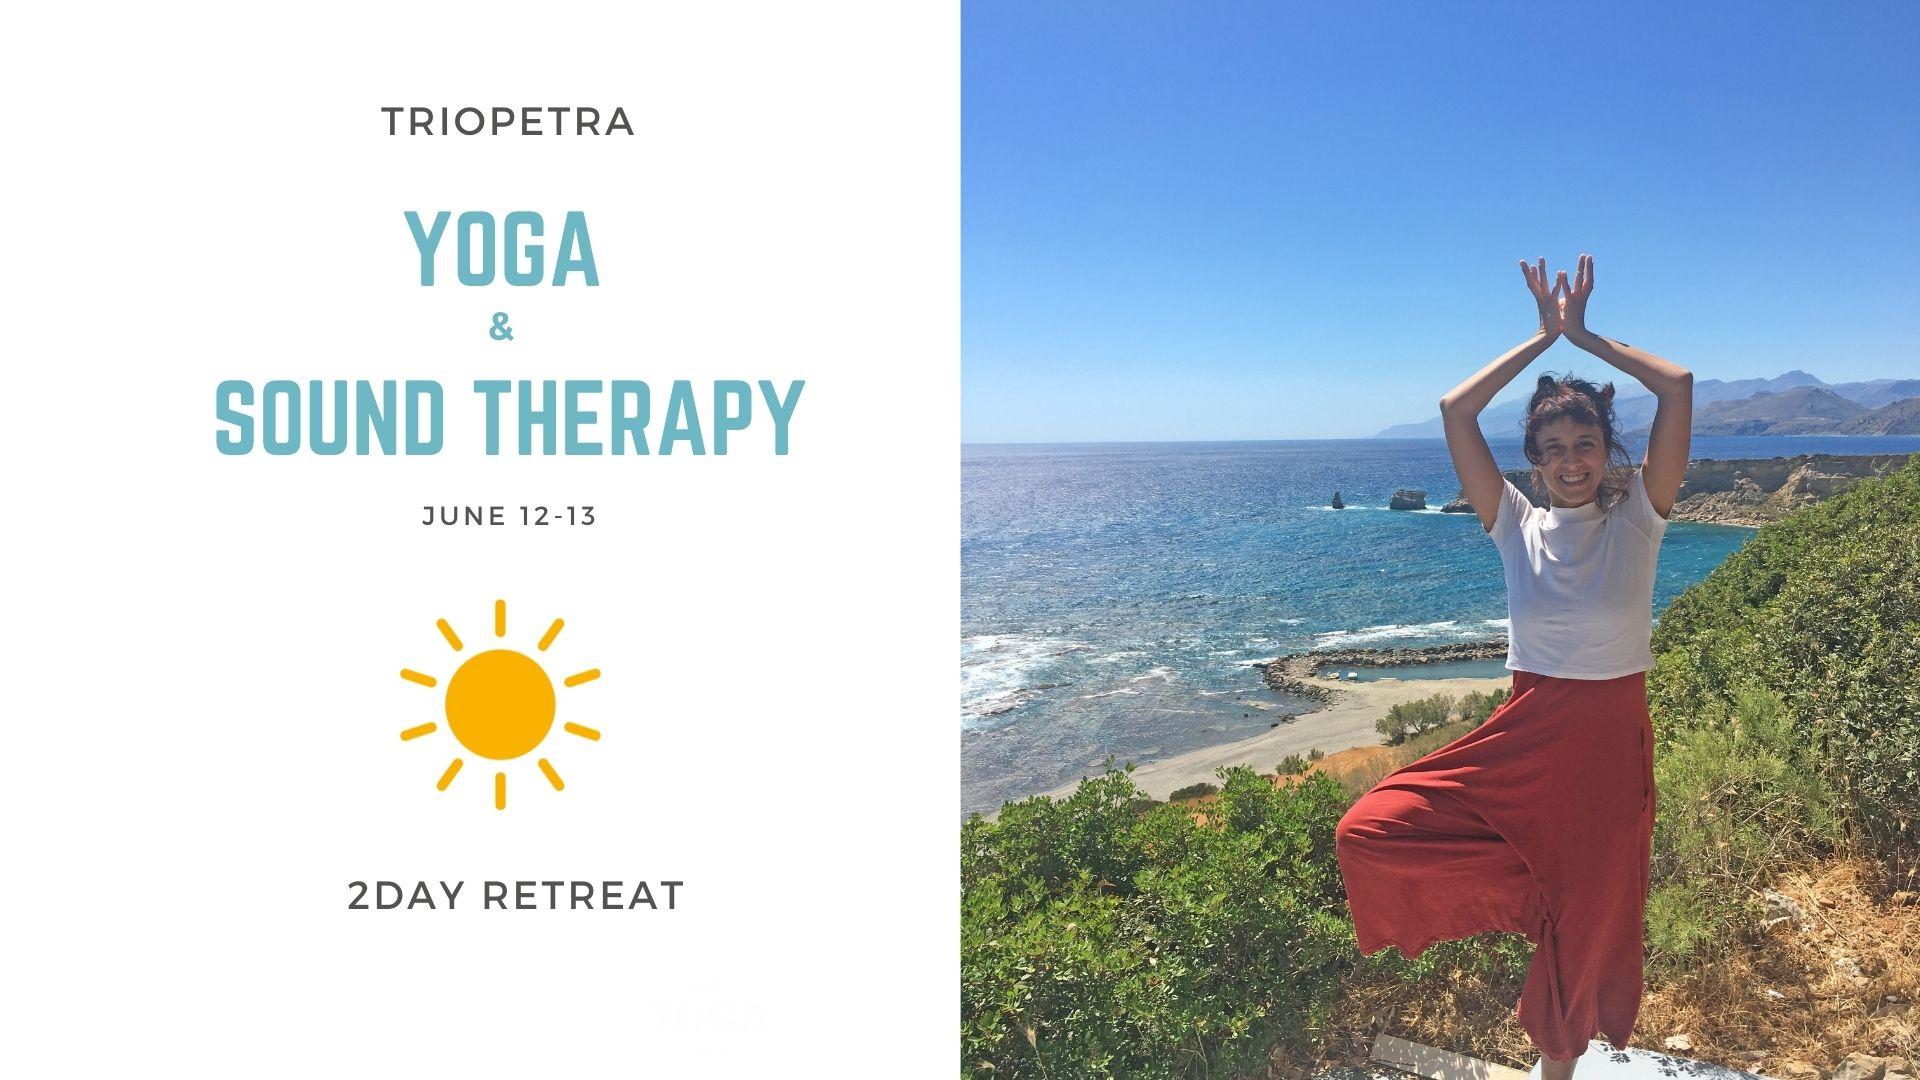 2ήμερο Yoga και Ηχοθεραπεία στην Τριόπετρα – 12-13 Ιουνίου